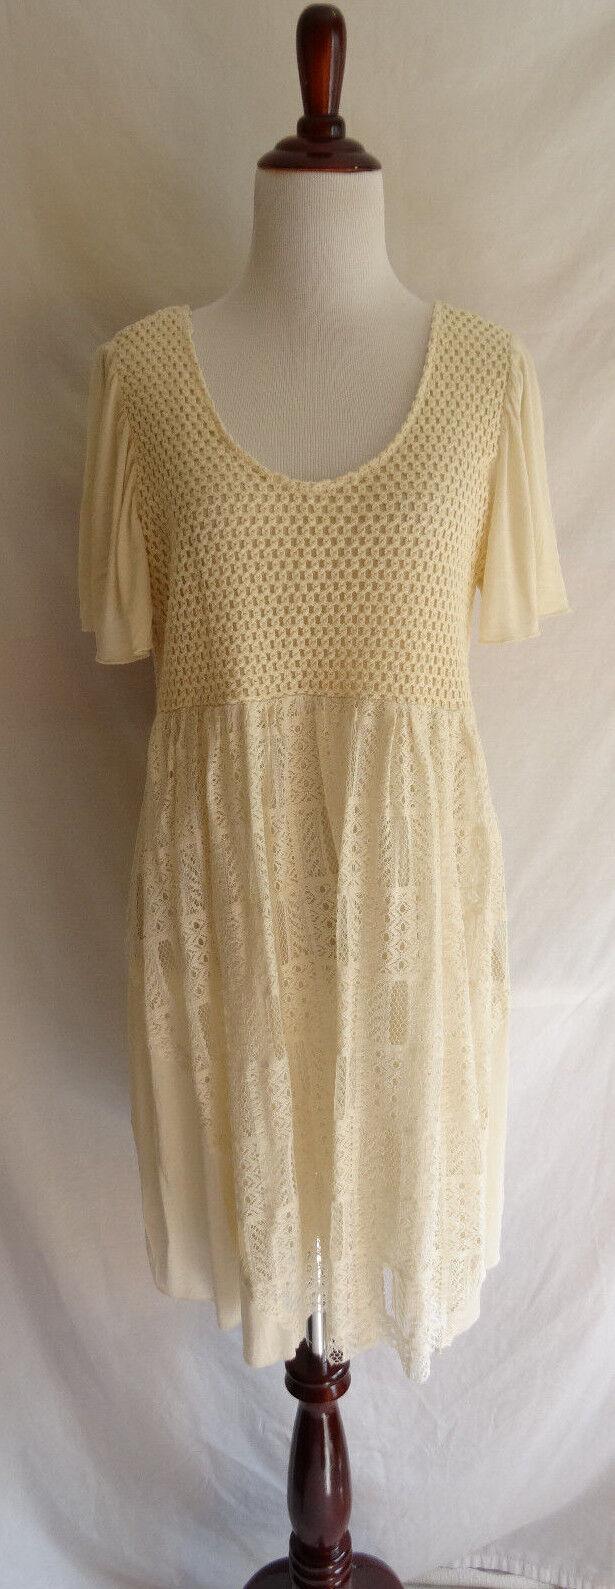 NWT Anthropologie Hazel Cream Crochet Lace Summer Boho Festival Gypsy Dress M L